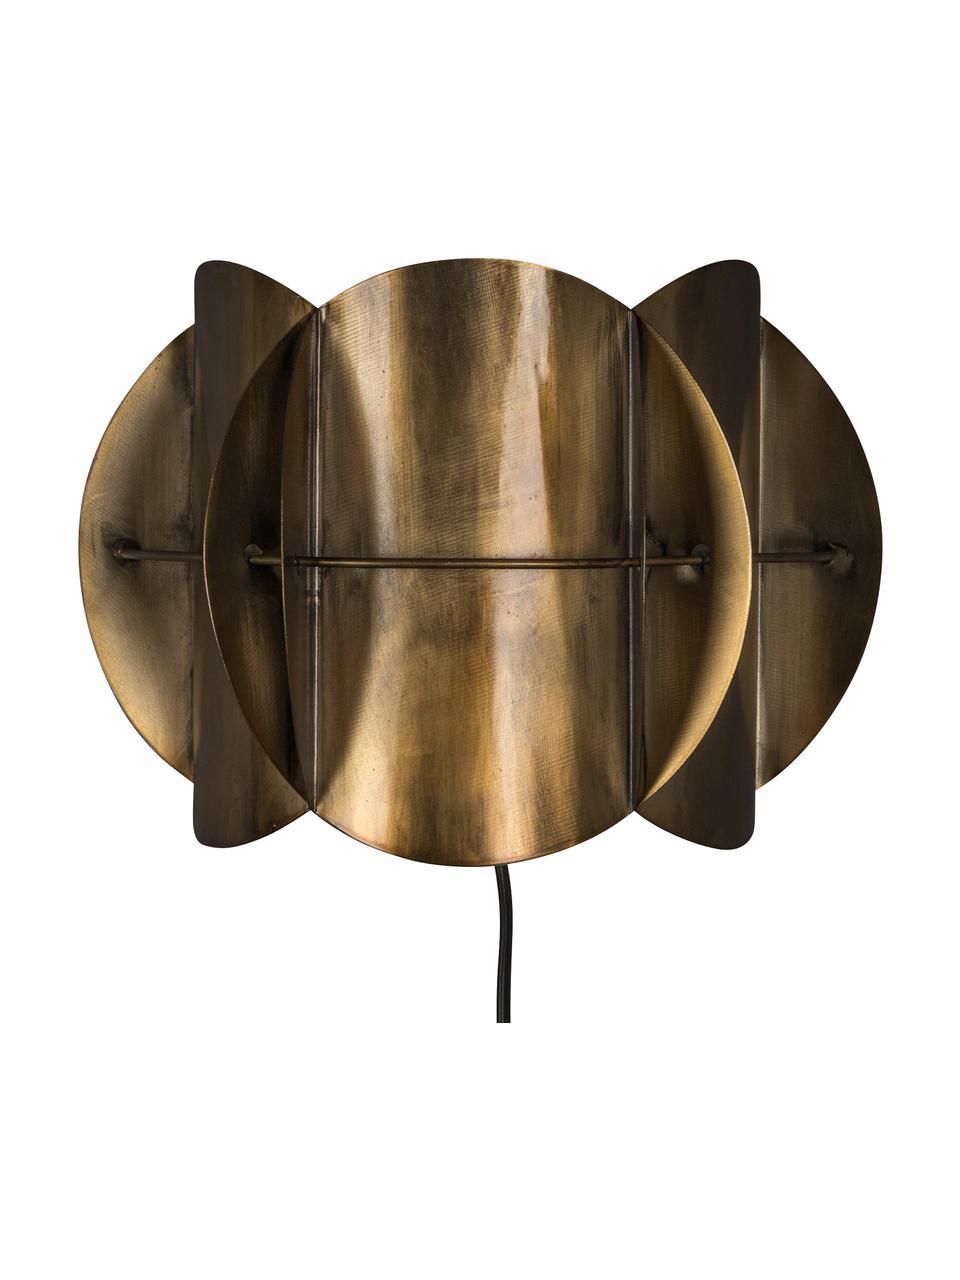 Kinkiet z wtyczką Corridor, Mosiądz z antycznym wykończeniem, S 27 x W 19 cm